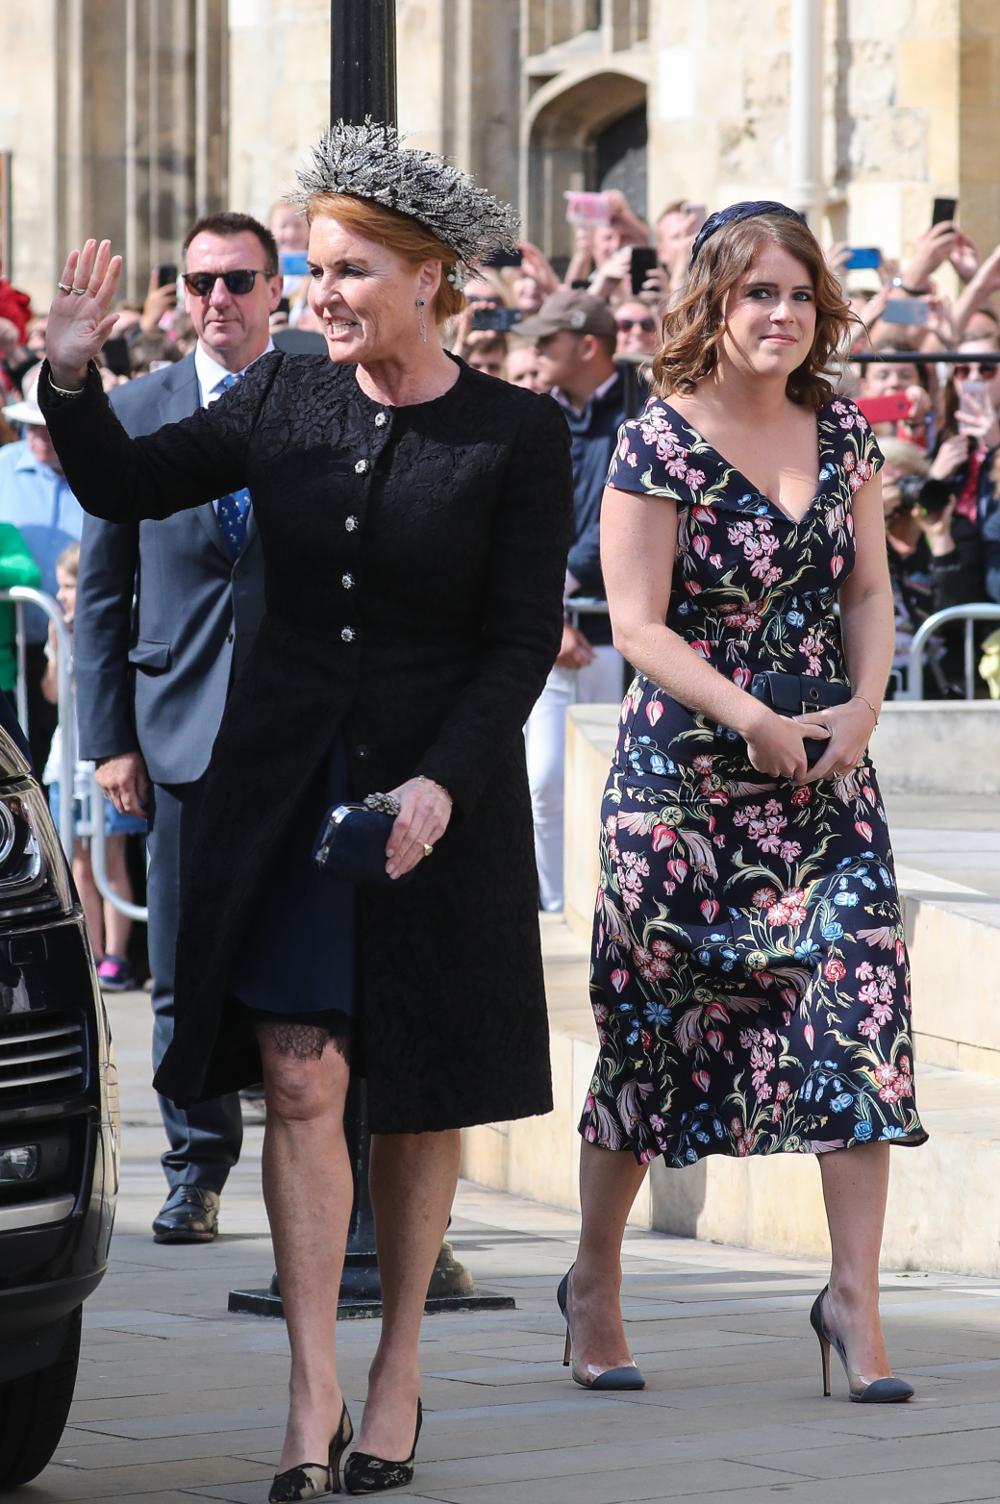 Η Σάρα Φέργκιουσον με την κόρη της, πριγκίπισσα Ευγενία στον γάμο της τραγουδίστριας Έλι Γκούλντινγκ